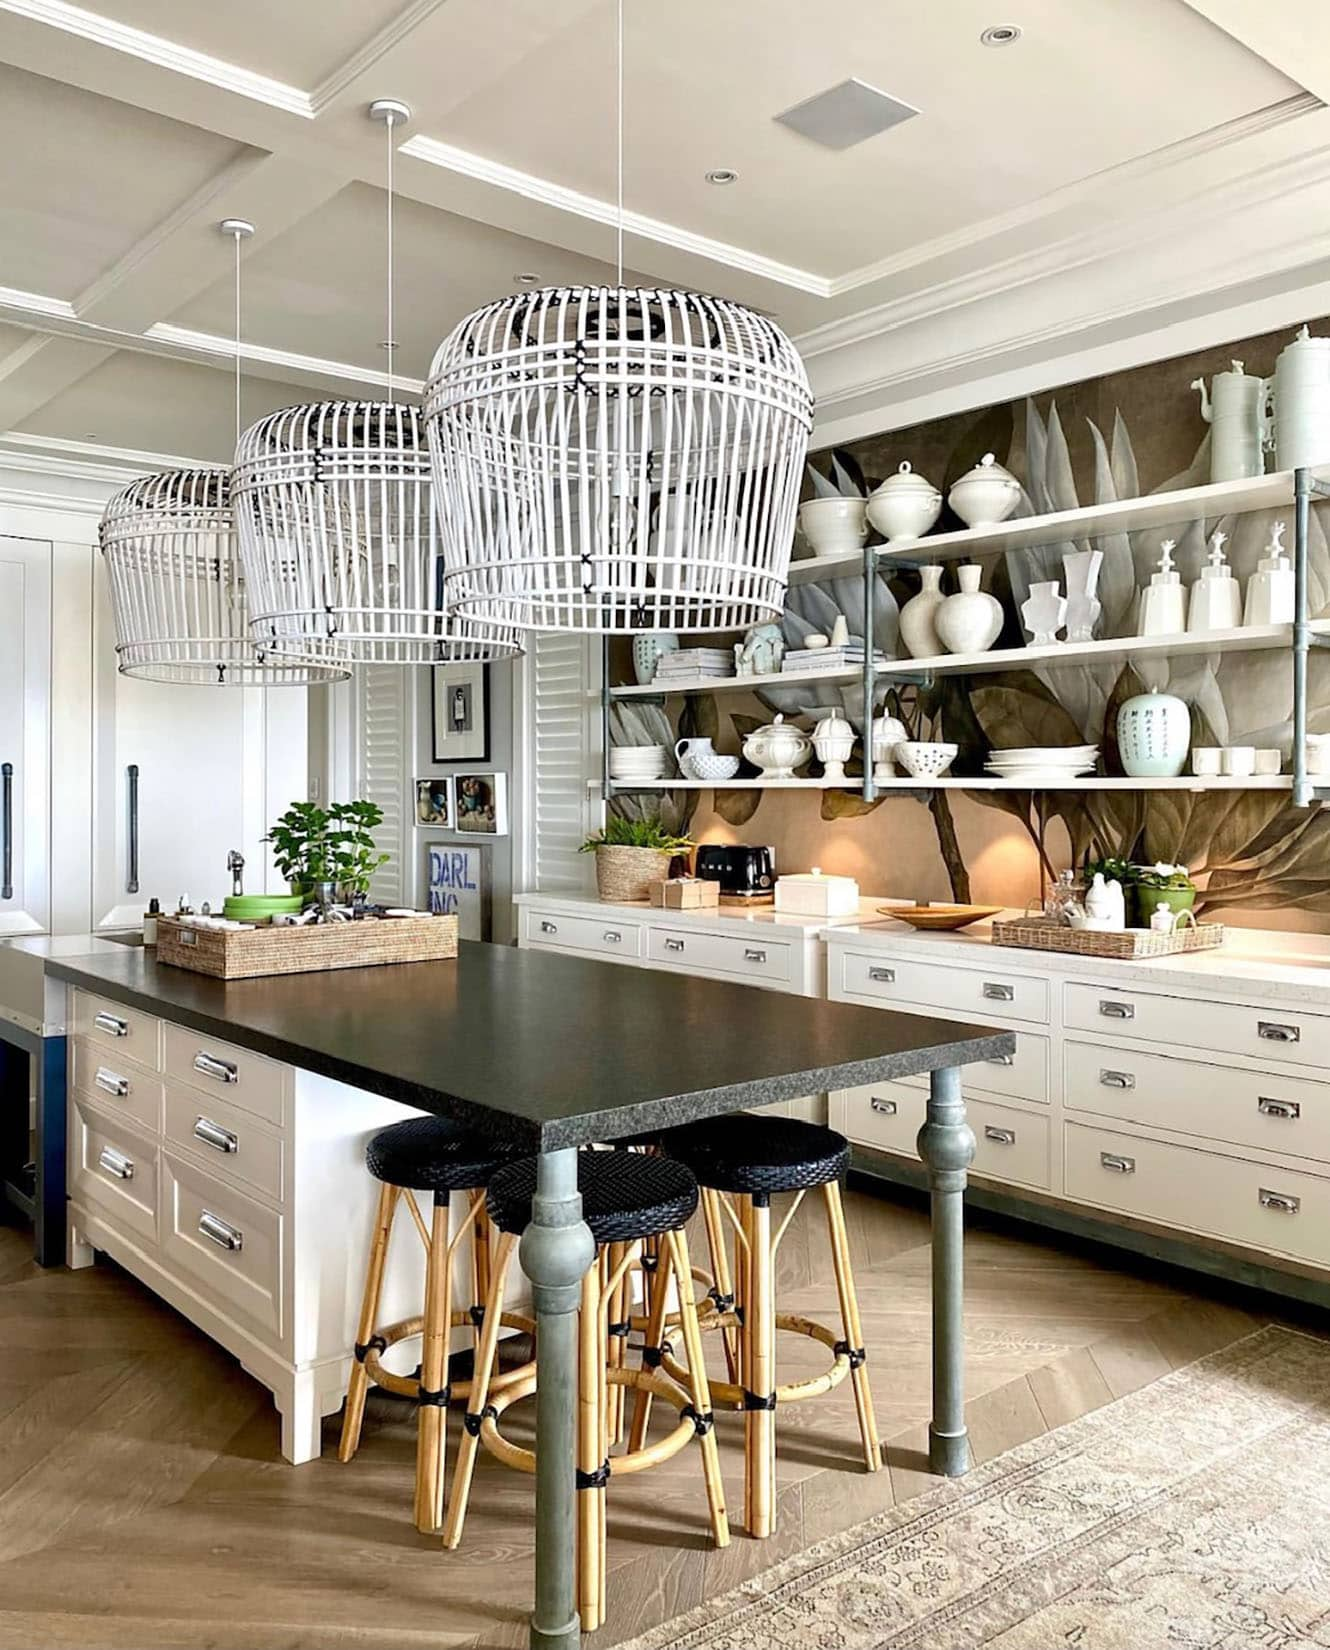 Sue Bond's Thesans Island Kitchen